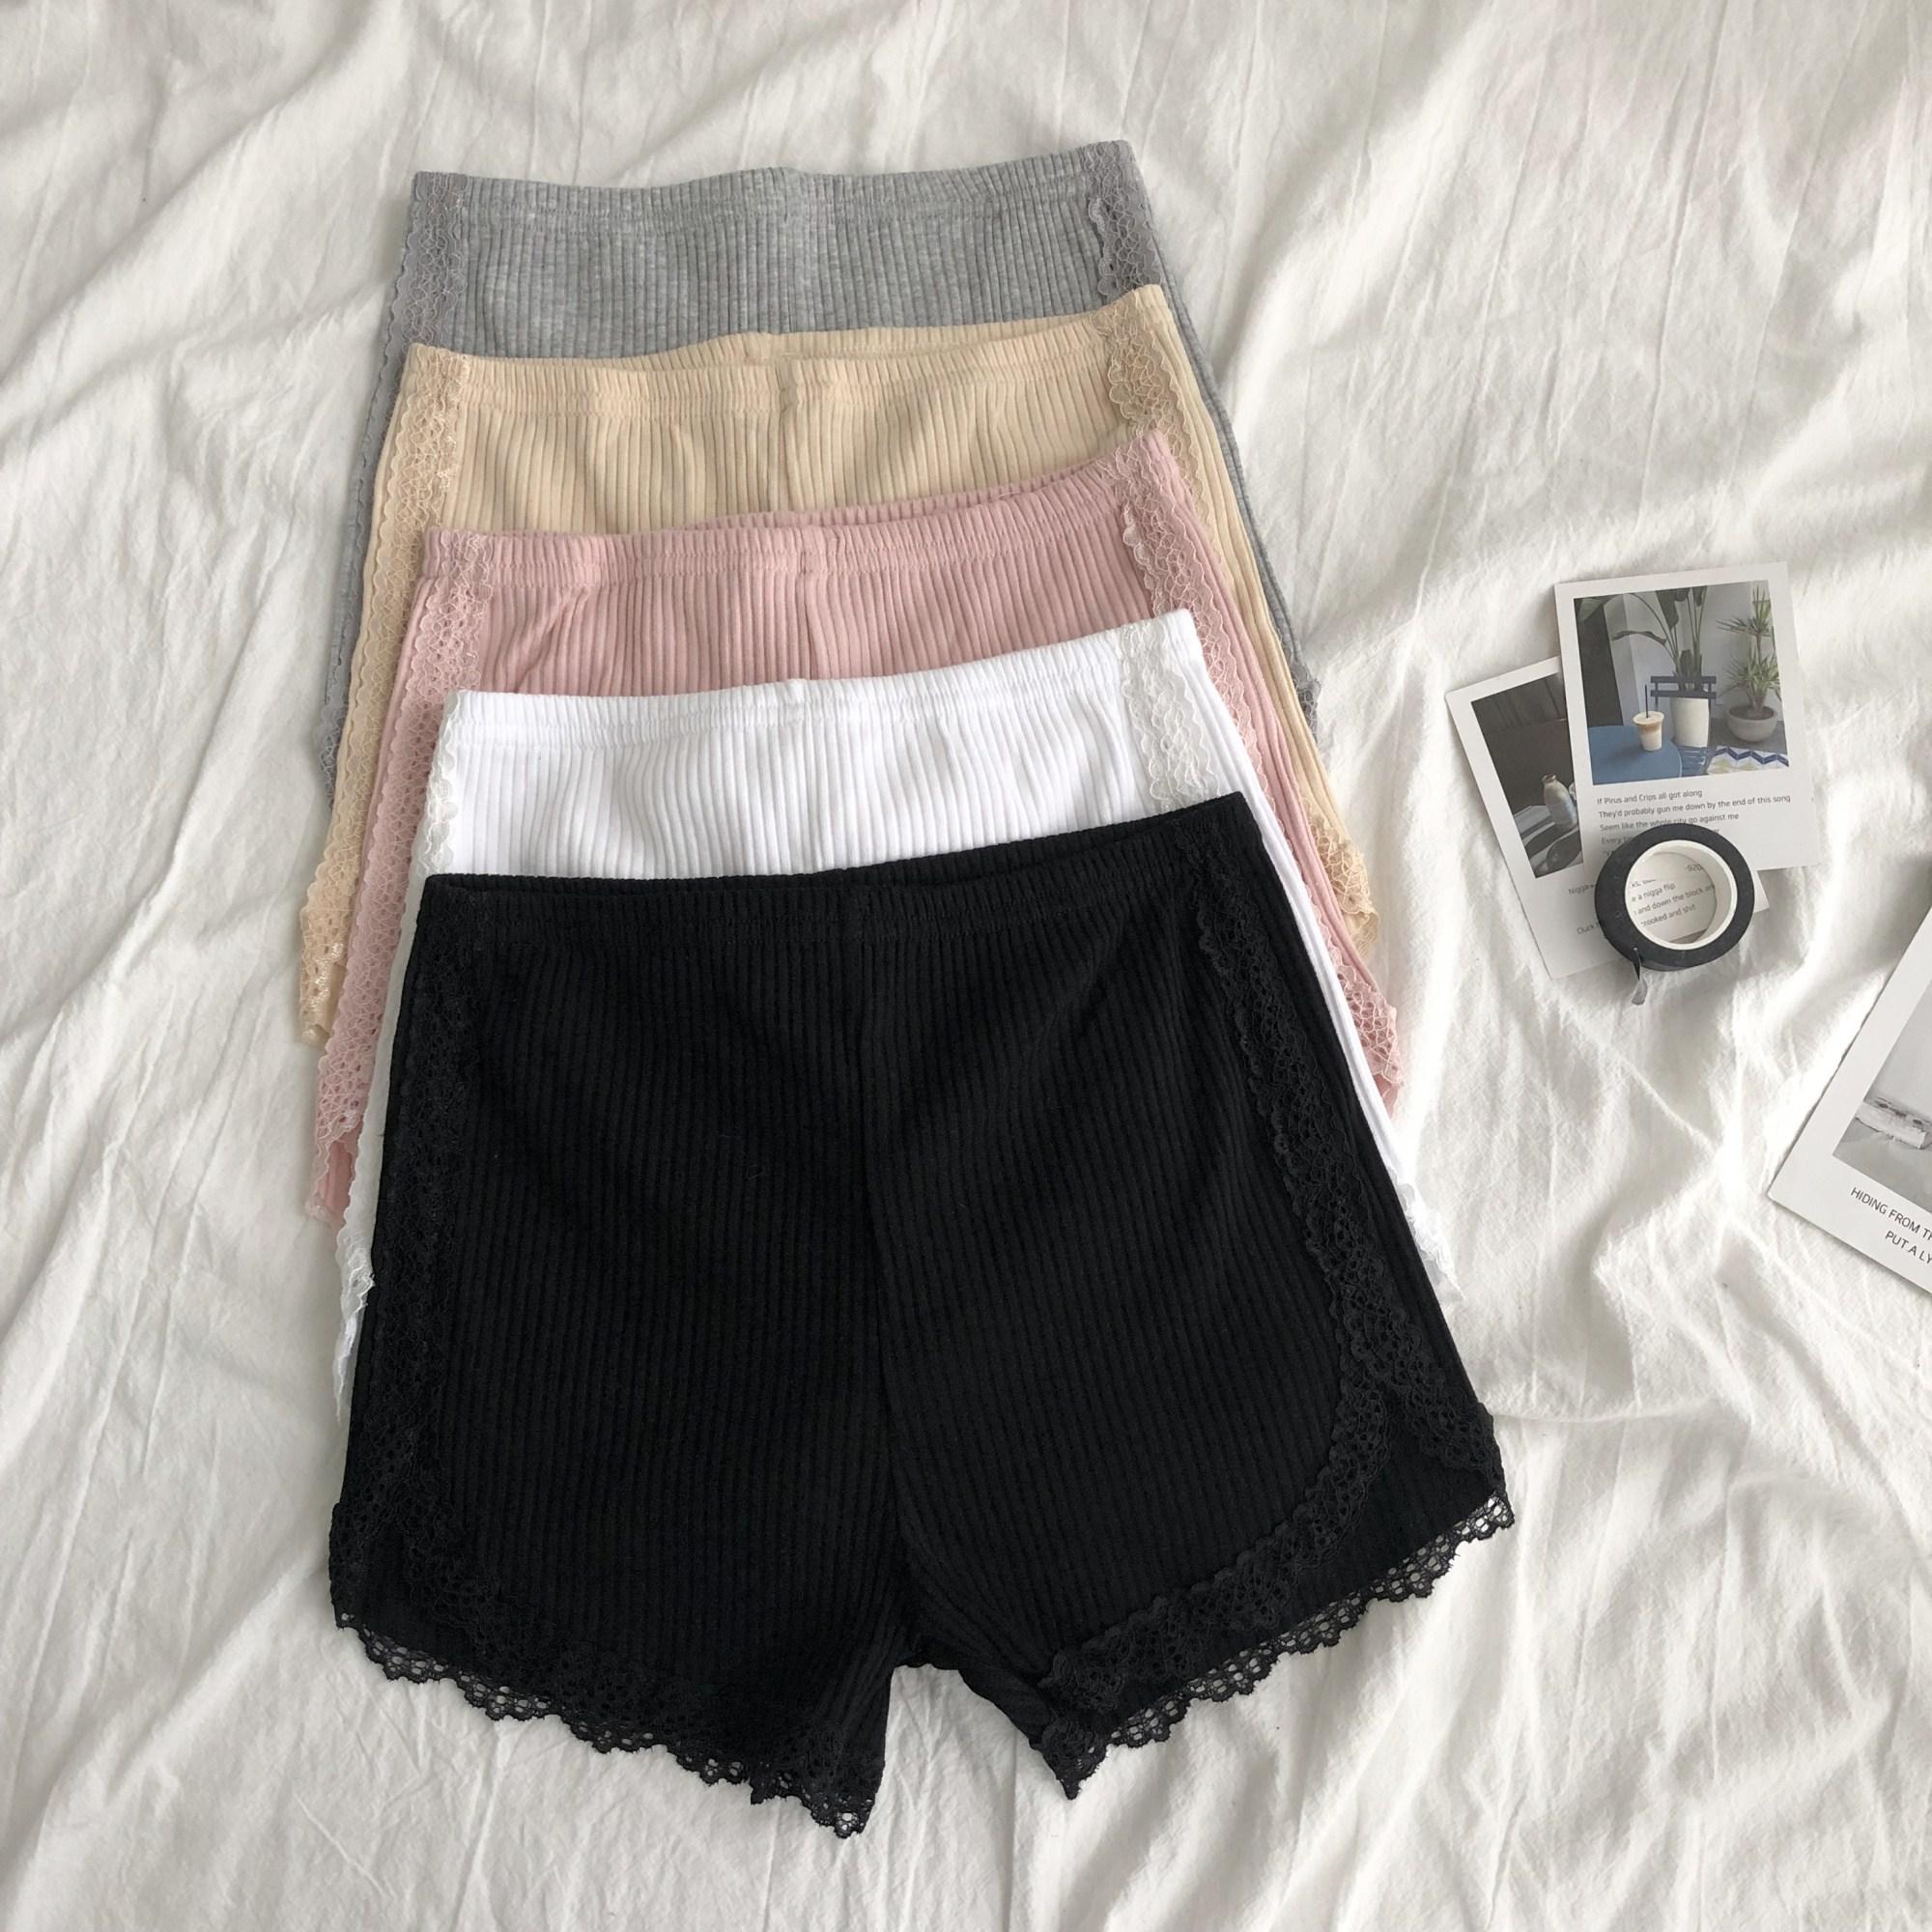 纯色安全裤女2020新款夏季蕾丝花边螺纹百搭短裤防走光透气打底裤